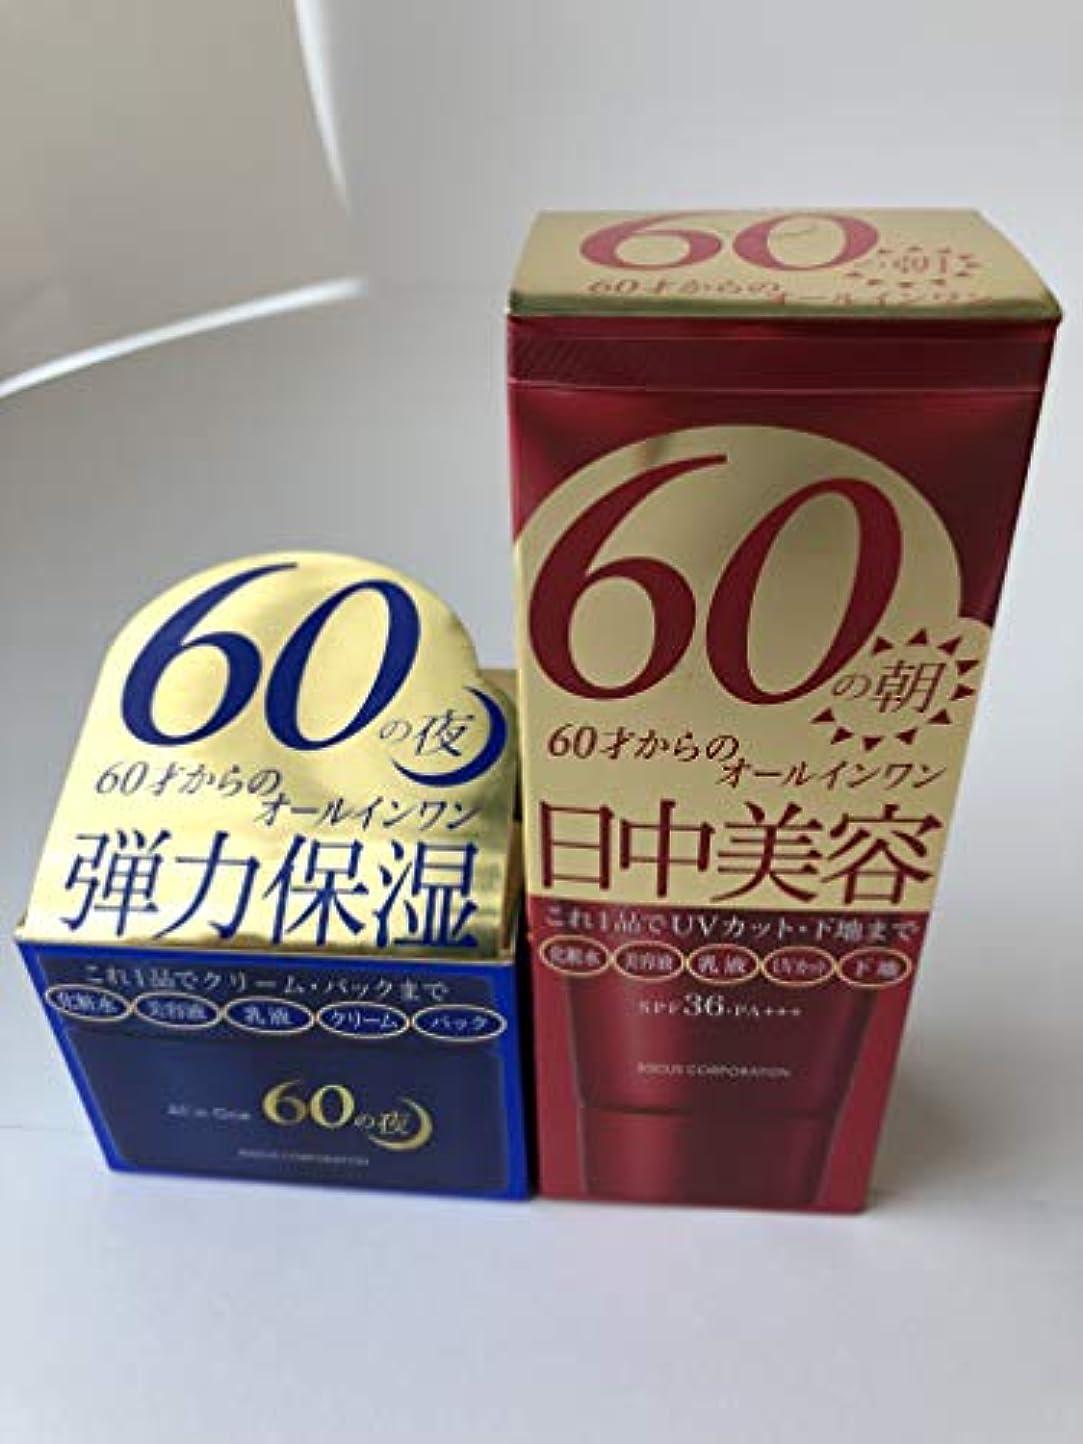 学習喉頭発掘するビズー 60の朝(1本入) +ビズー 60の夜(1本入) / (1set)